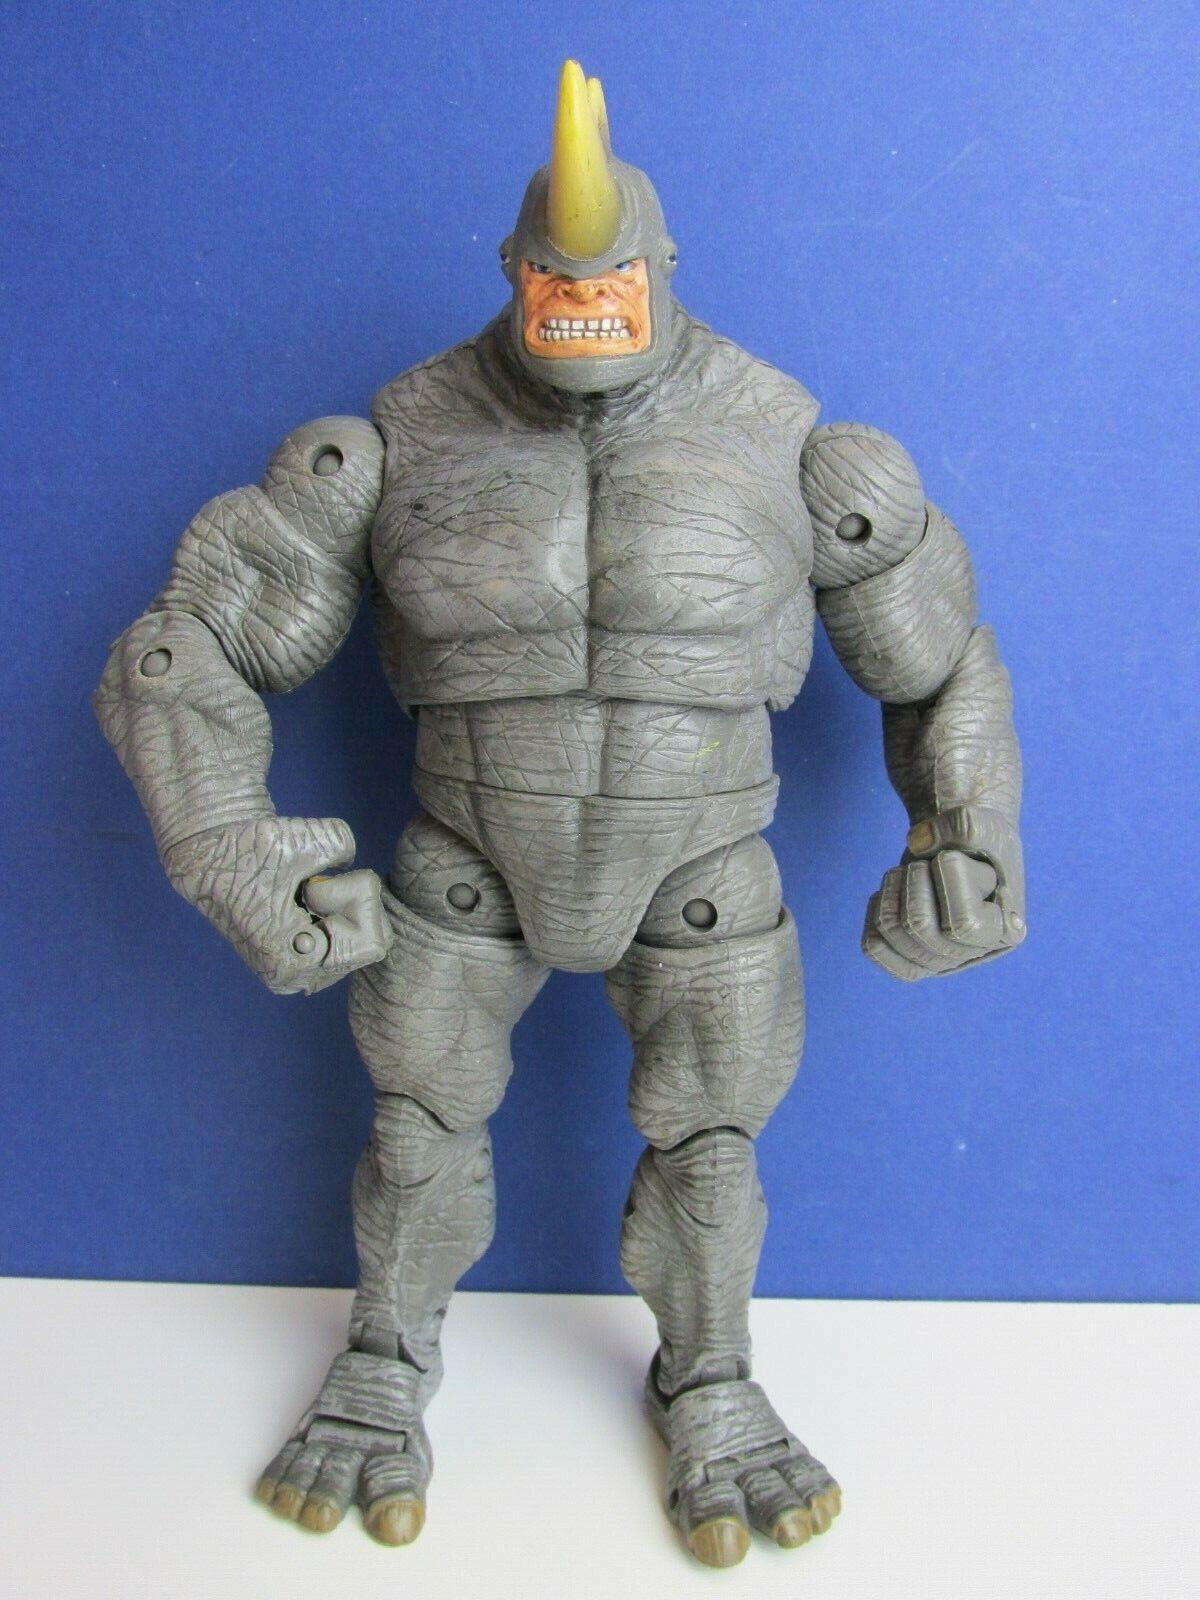 RARE MARVEL rougeoutables ennemis Rhino Spider-Man Action Figure toybiz 2006 toybiz 40 M